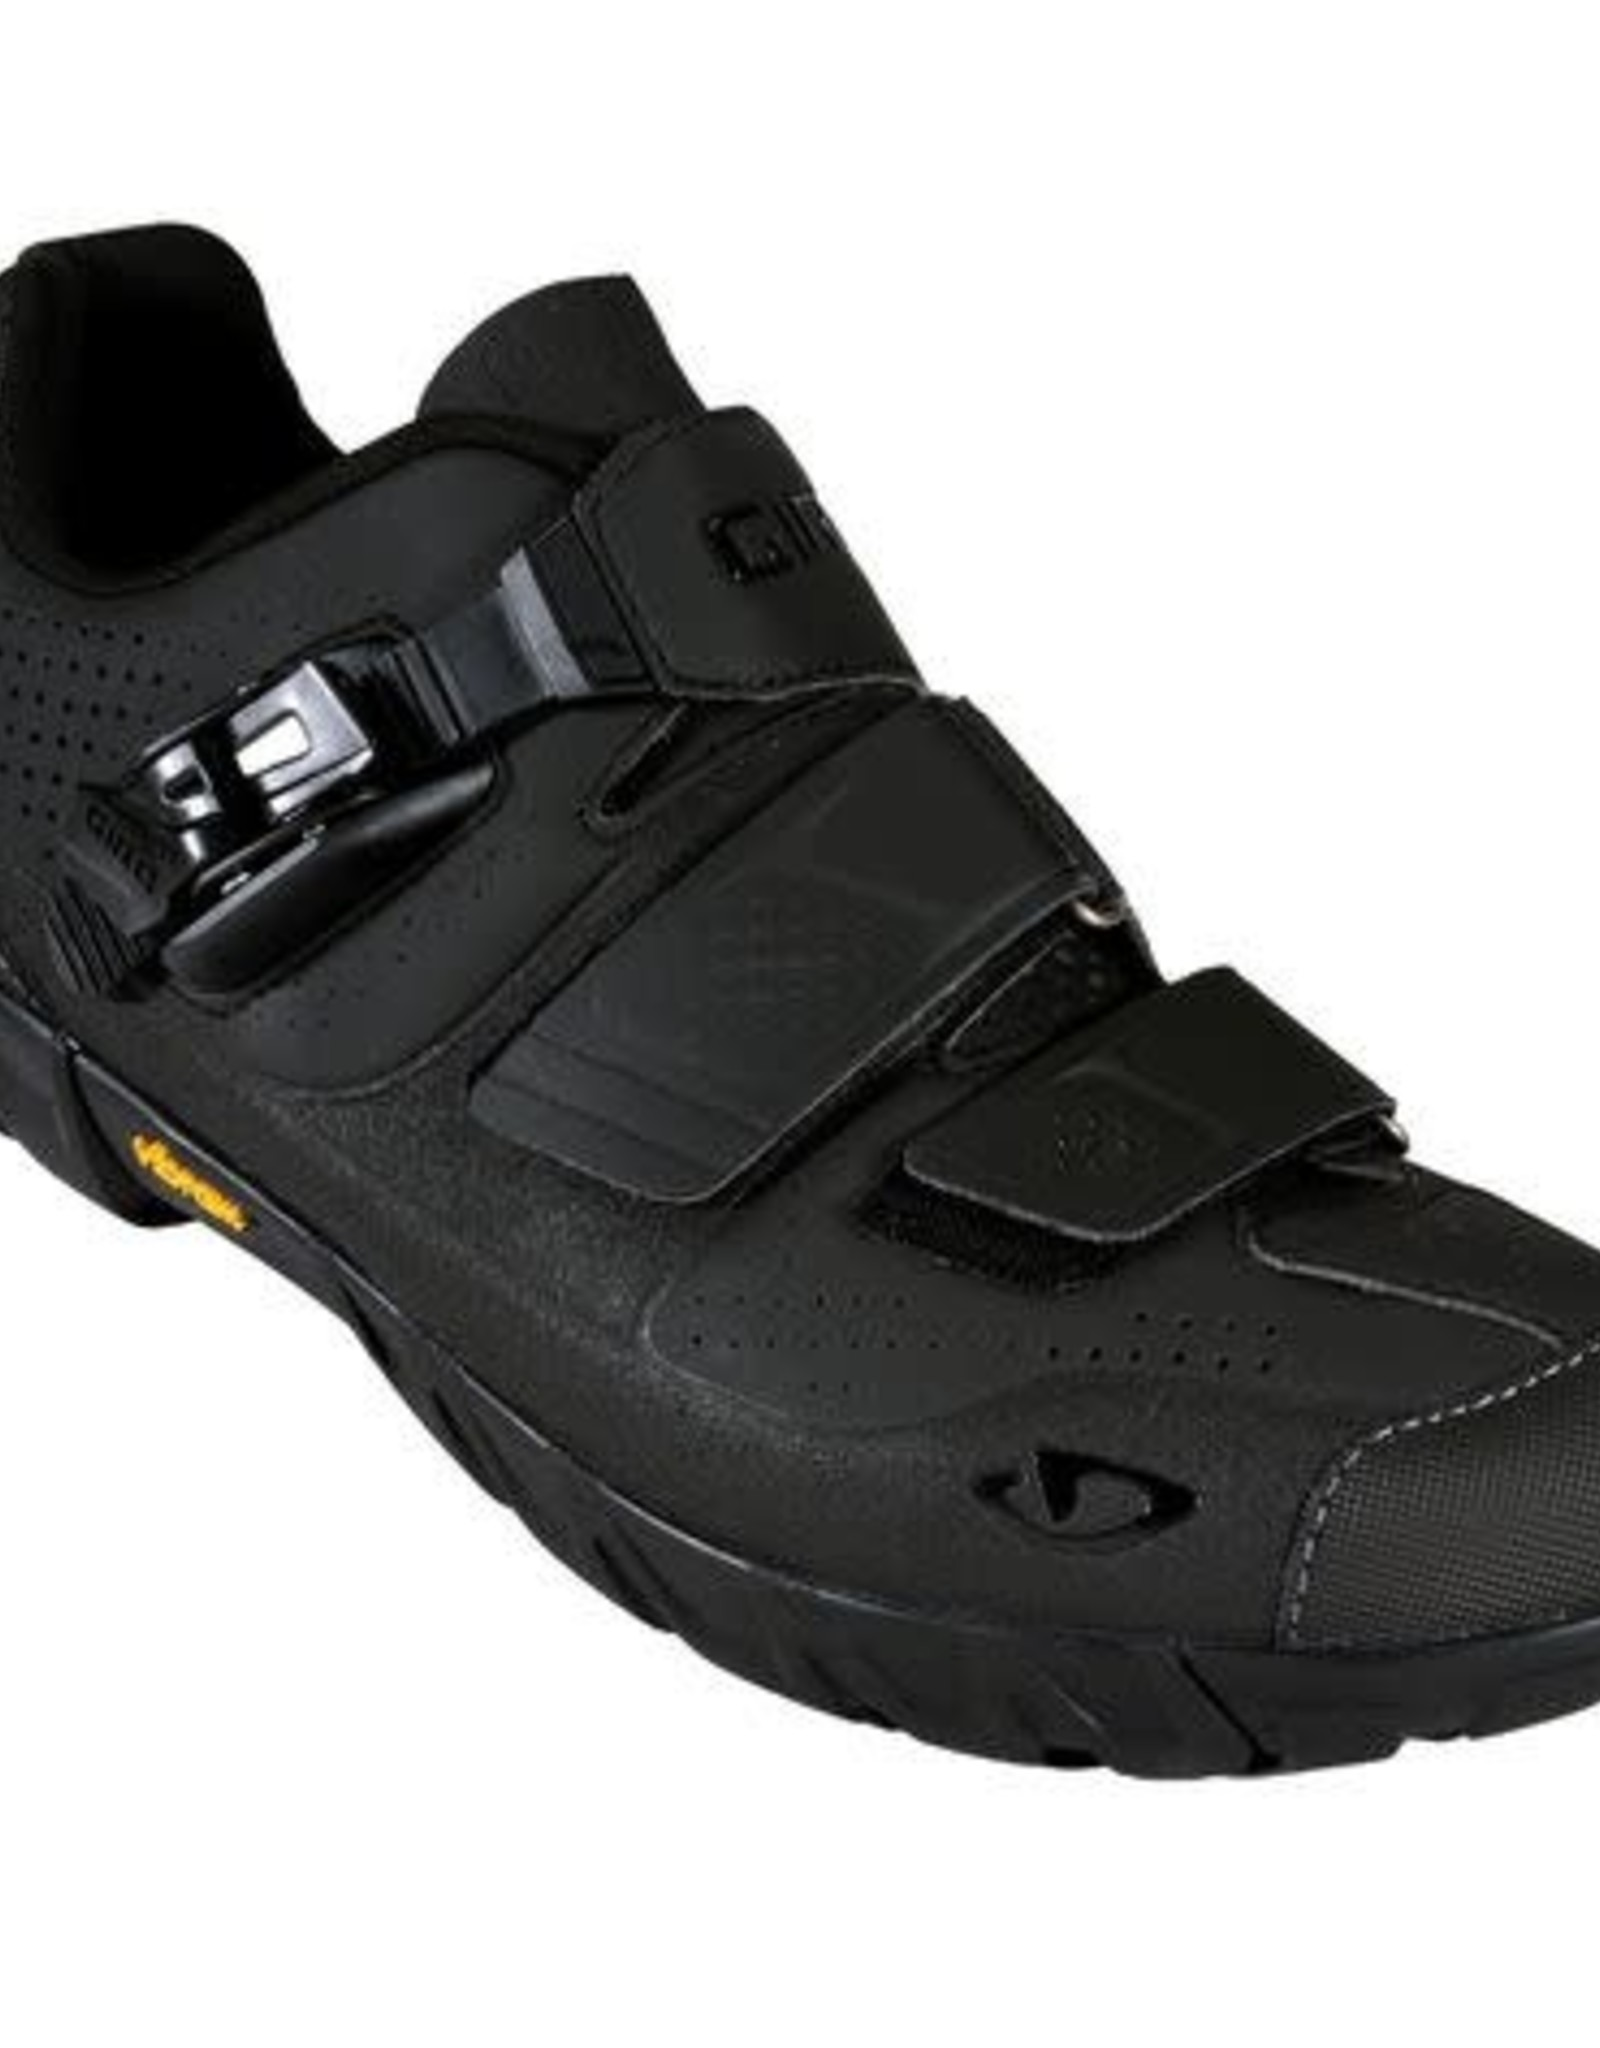 Giro GIRO Bike Shoes TERRADURO